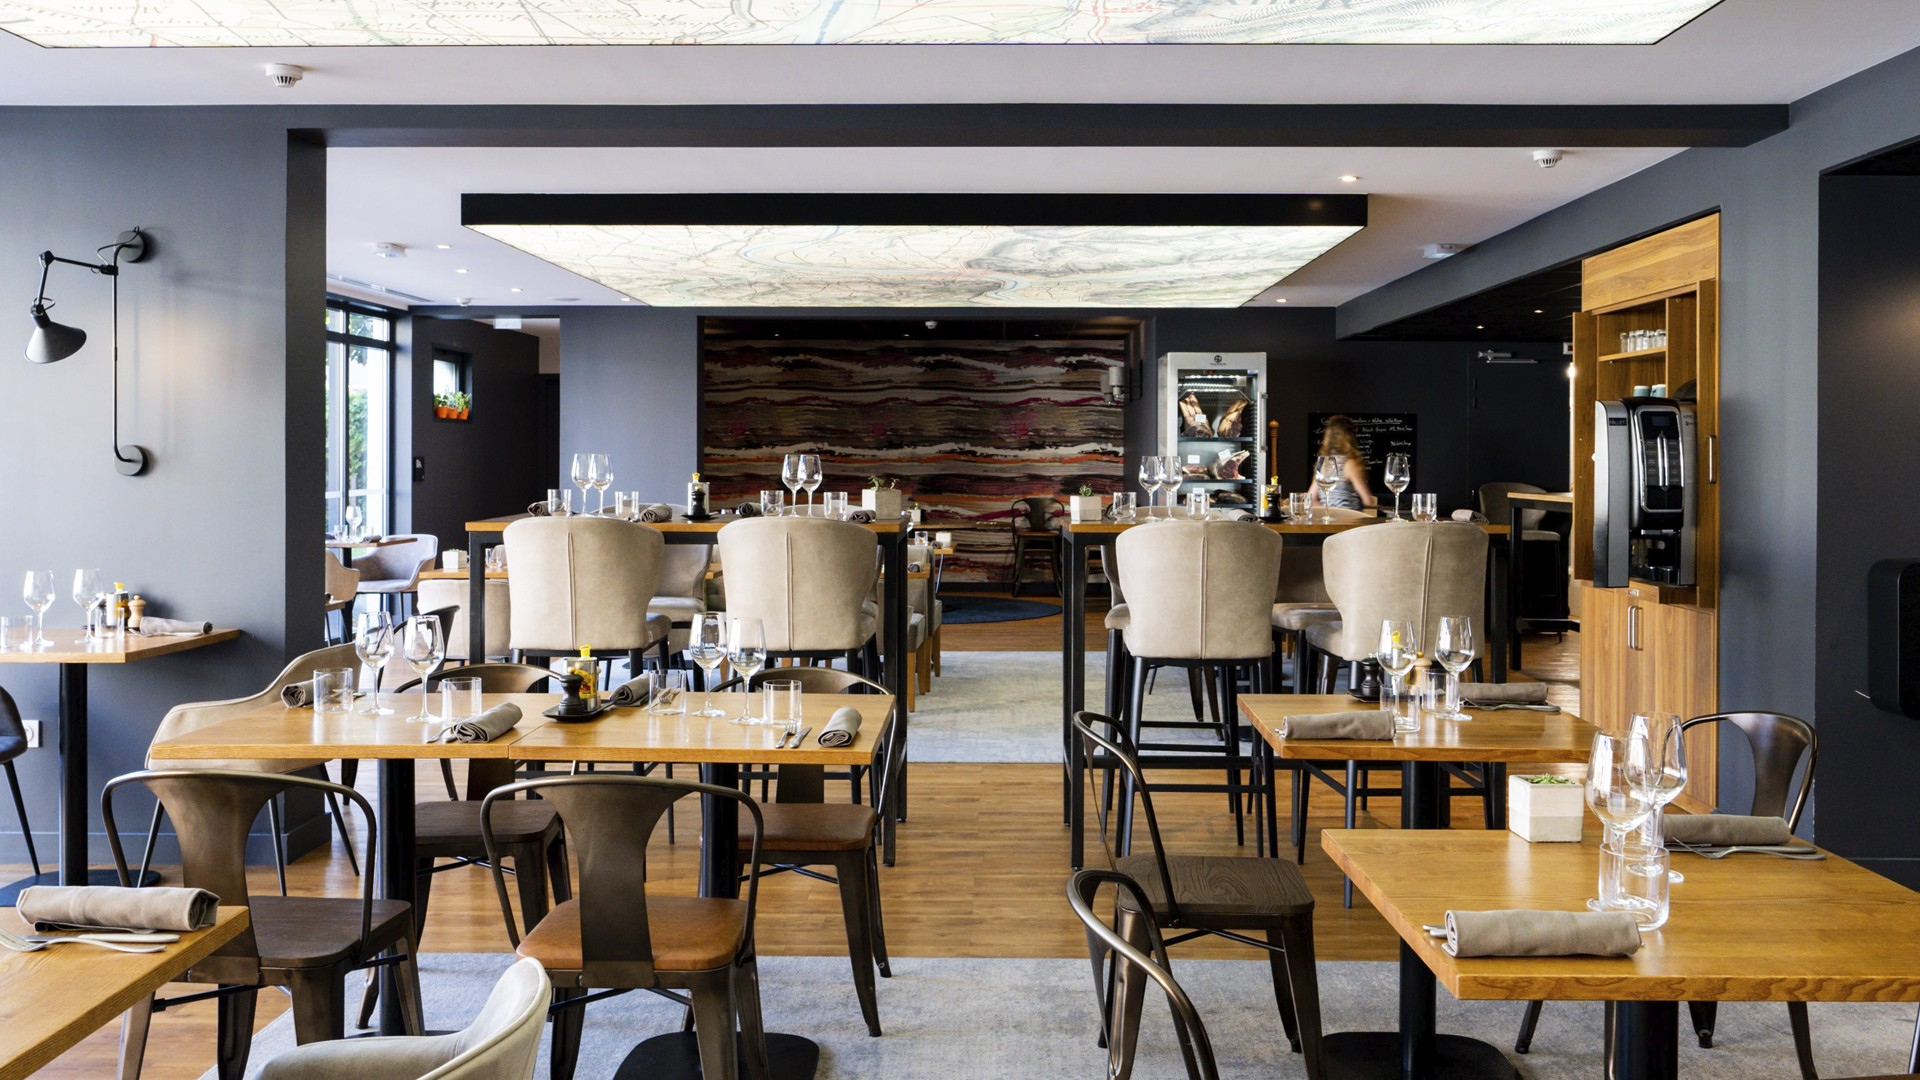 fac-et-spera-chapoutier-tain-lhermitage-drome-seminaires-de-caractere-restaurant